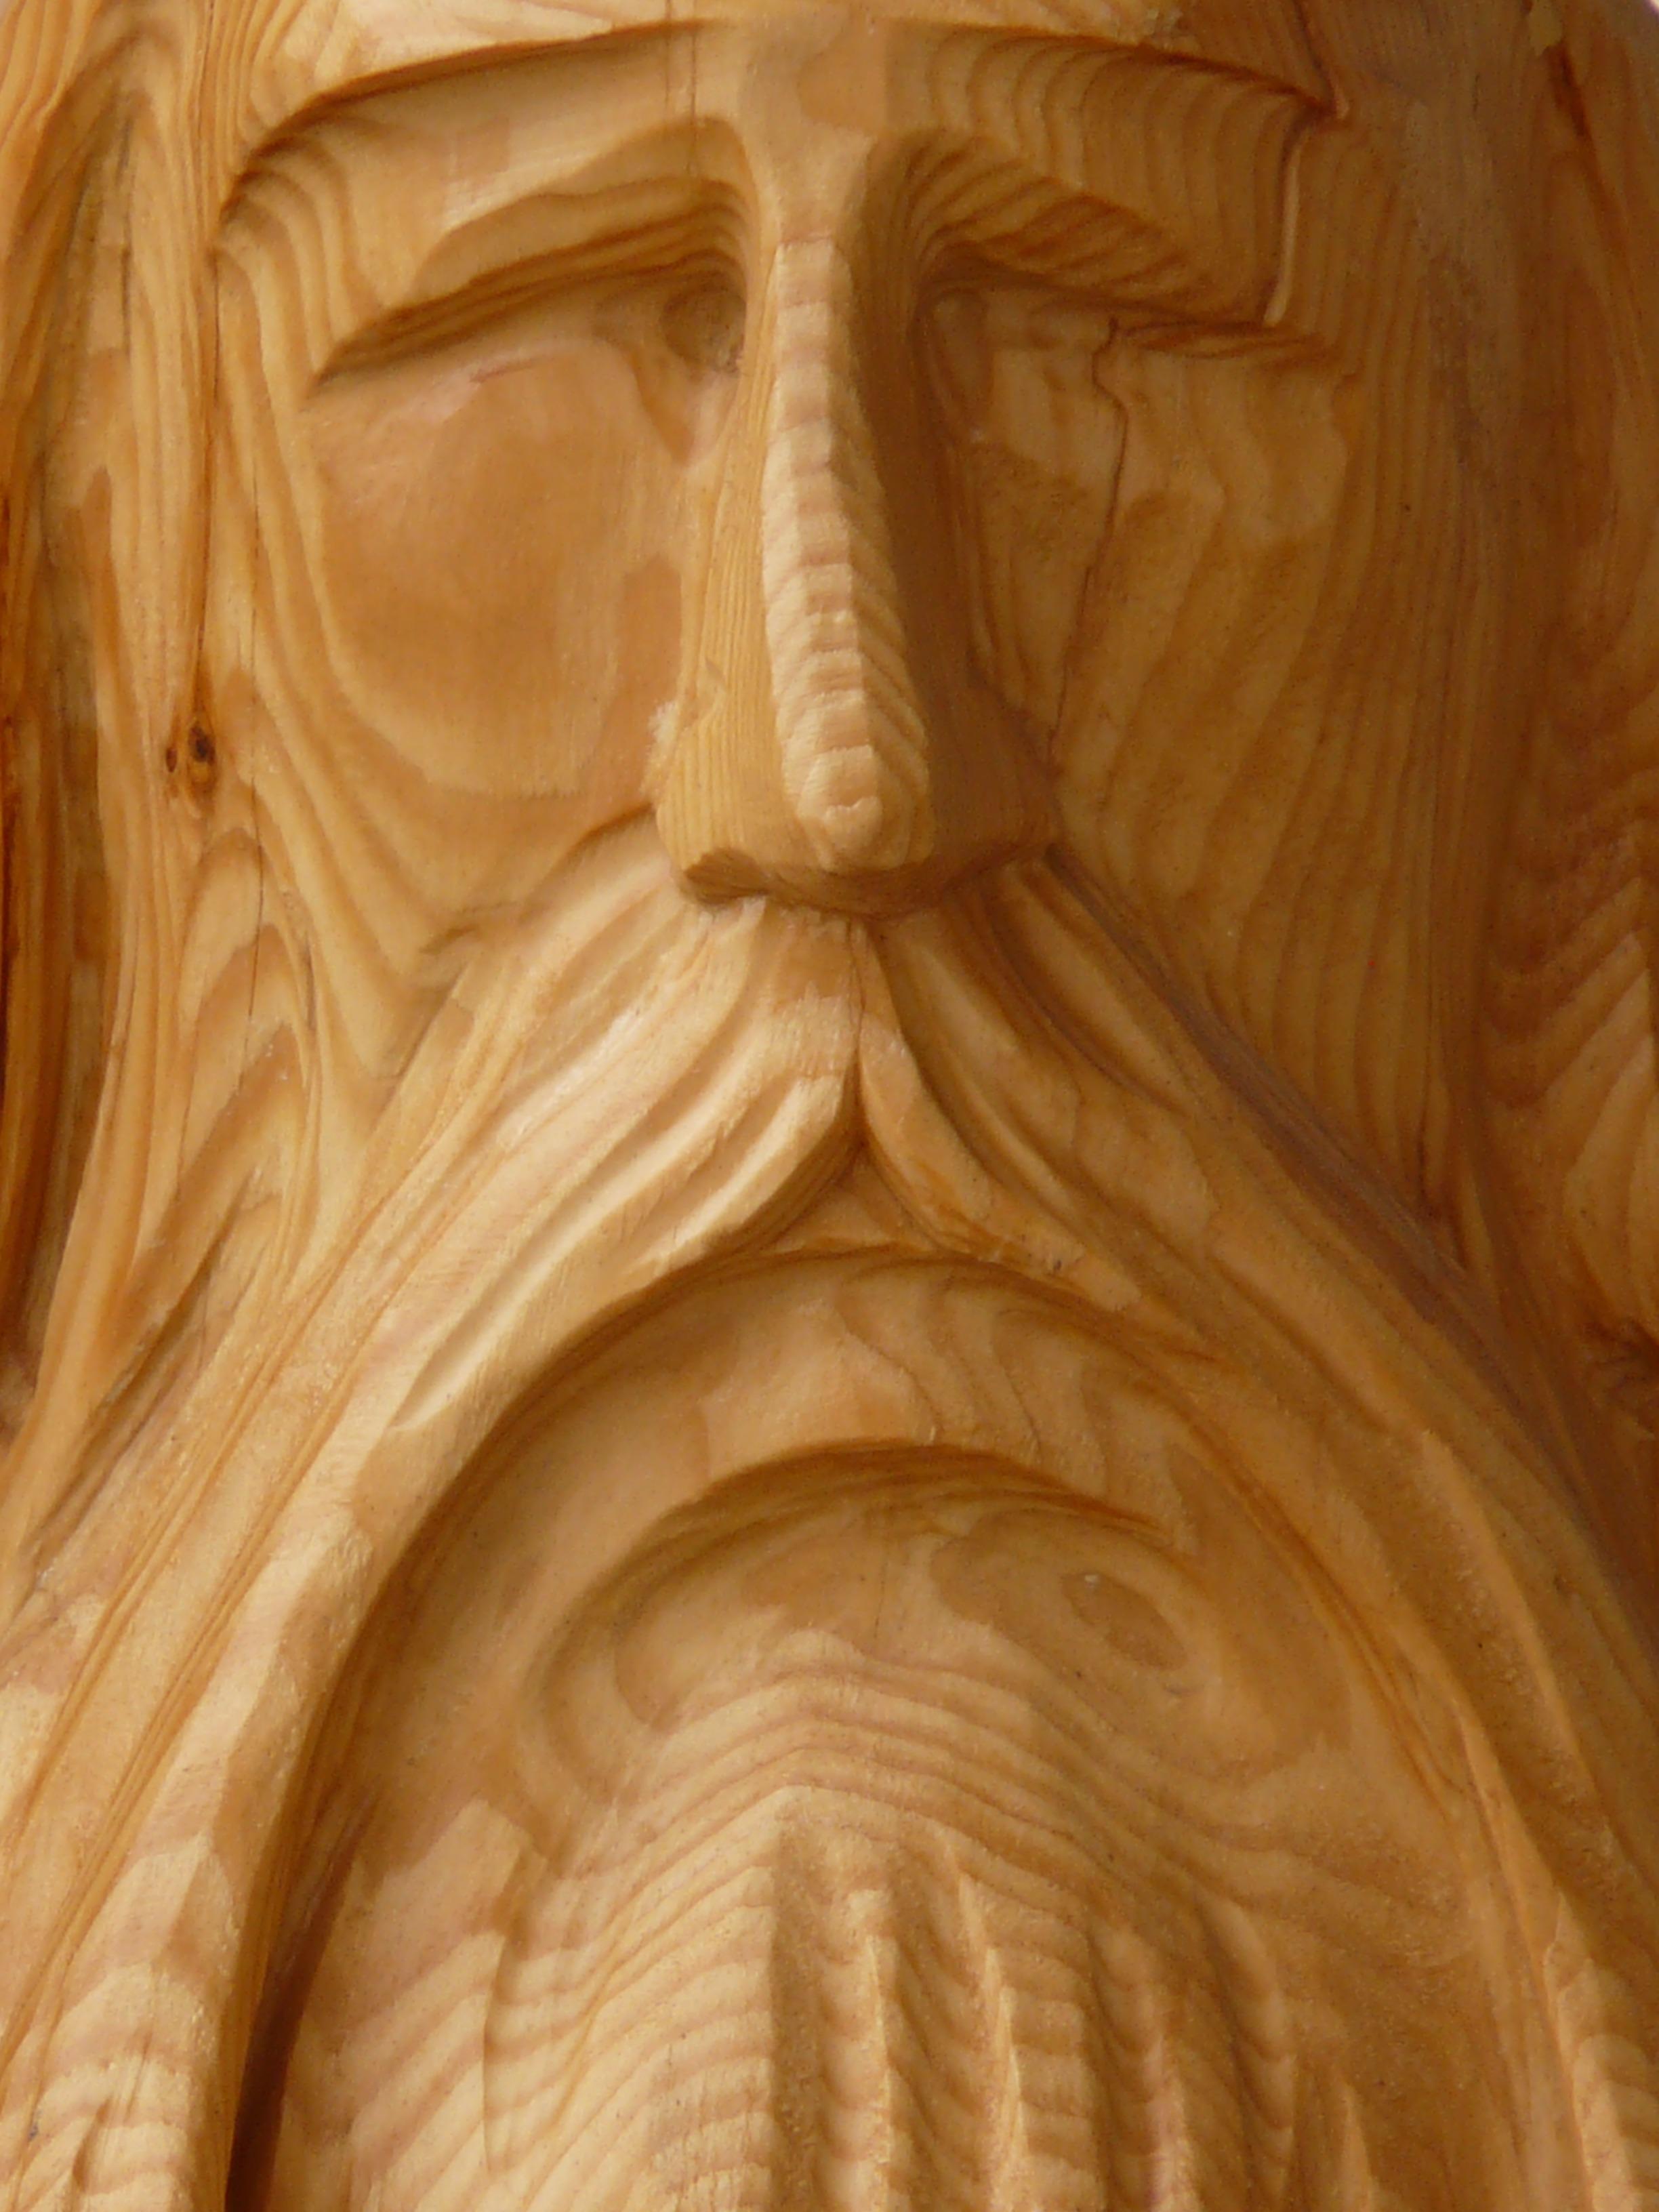 Человек из дерева картинка